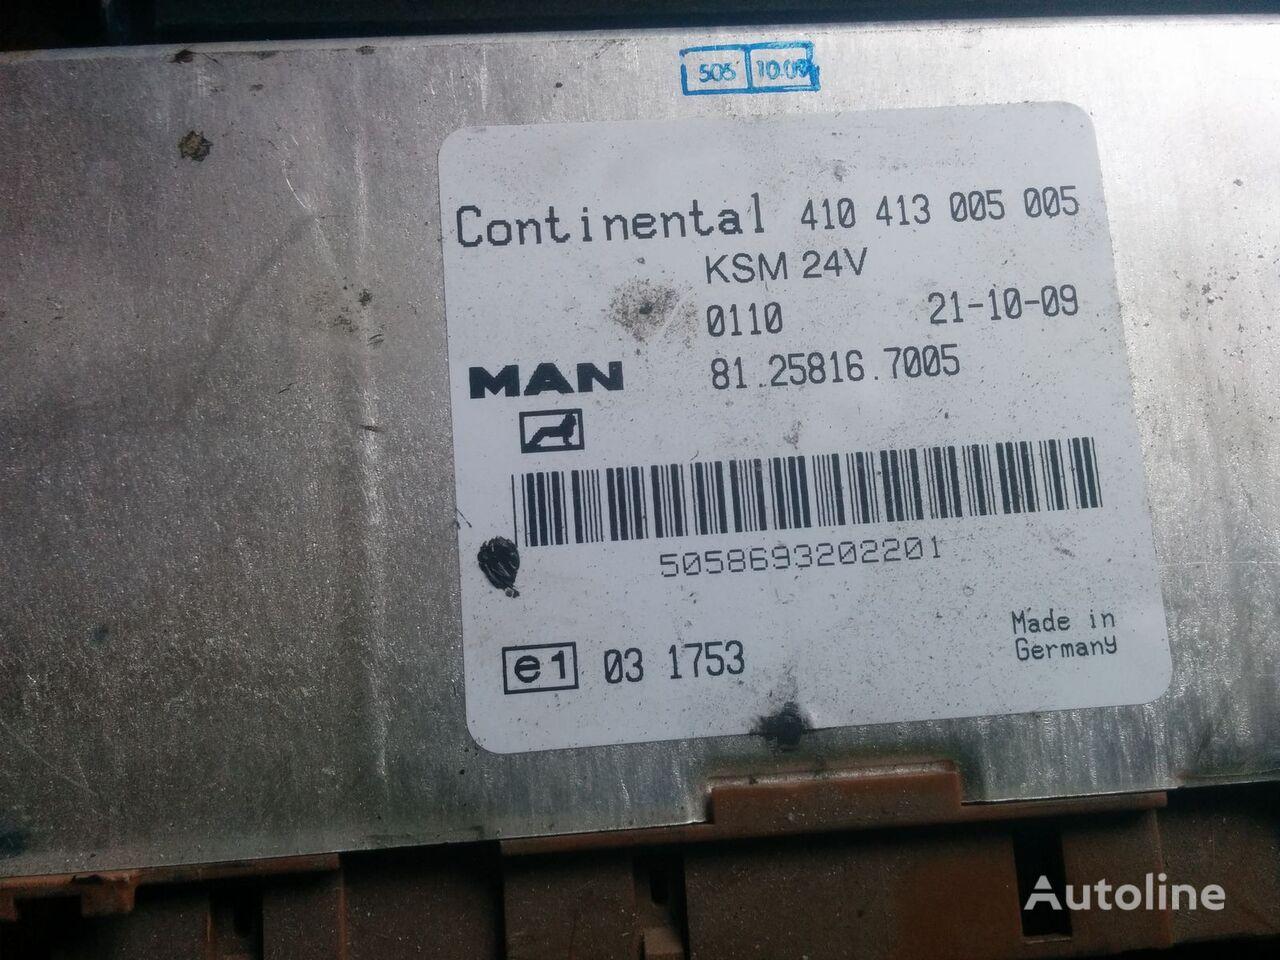 блок управления 410413005005 (81.25816.7005) для автобуса MAN City